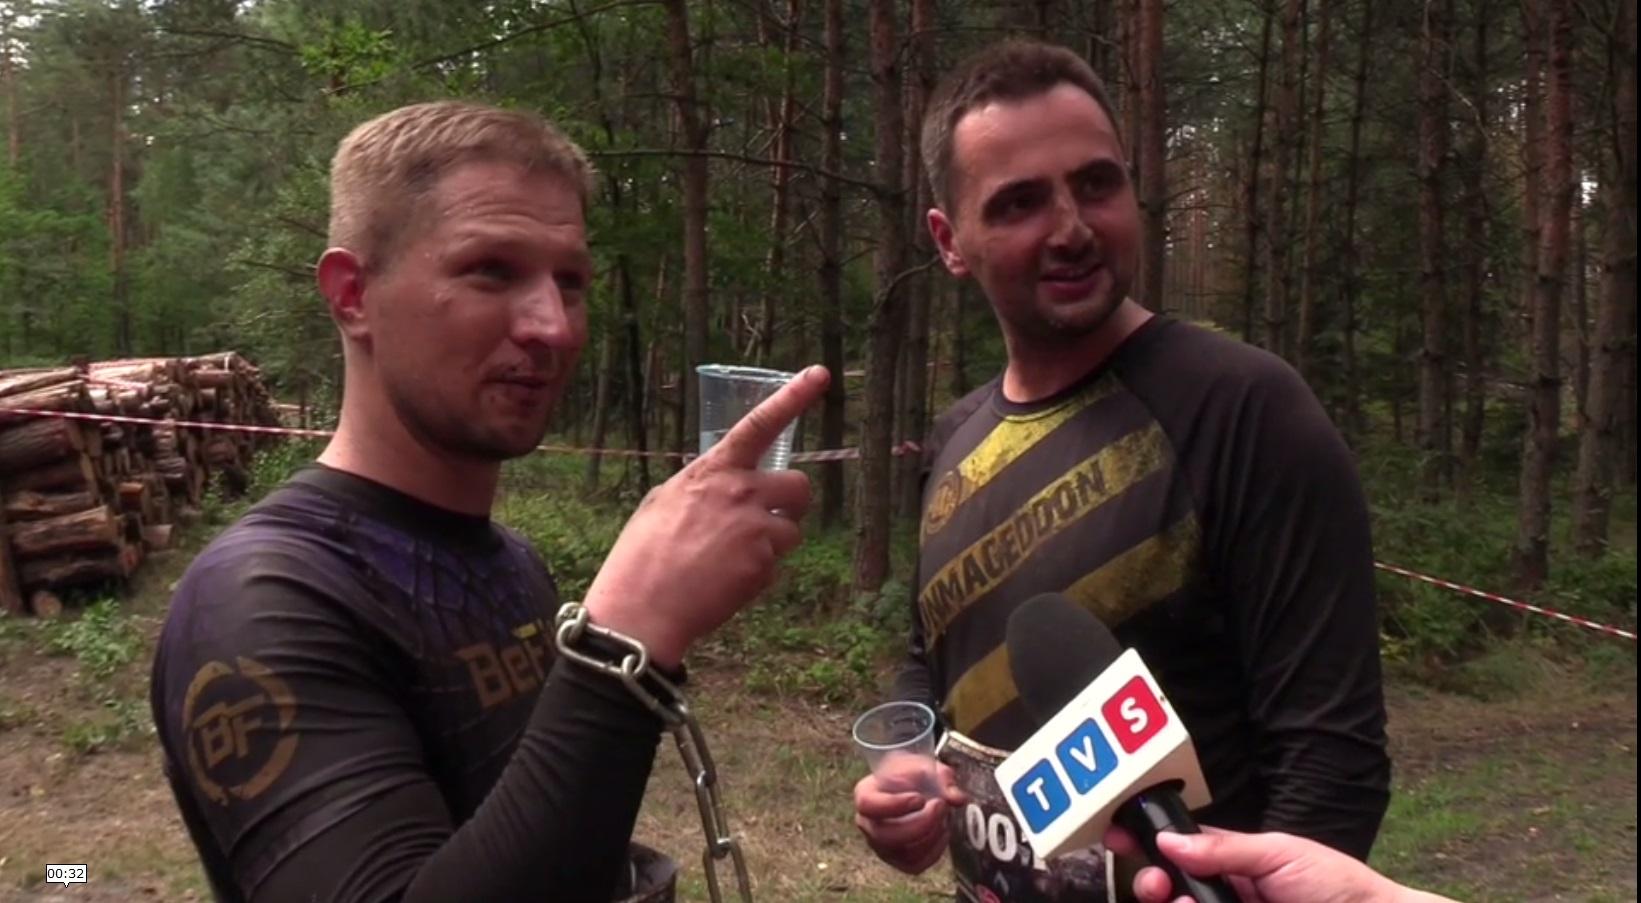 Ucieczka Zakładników podczas XV Biegu Katorżnika w Lublińcu